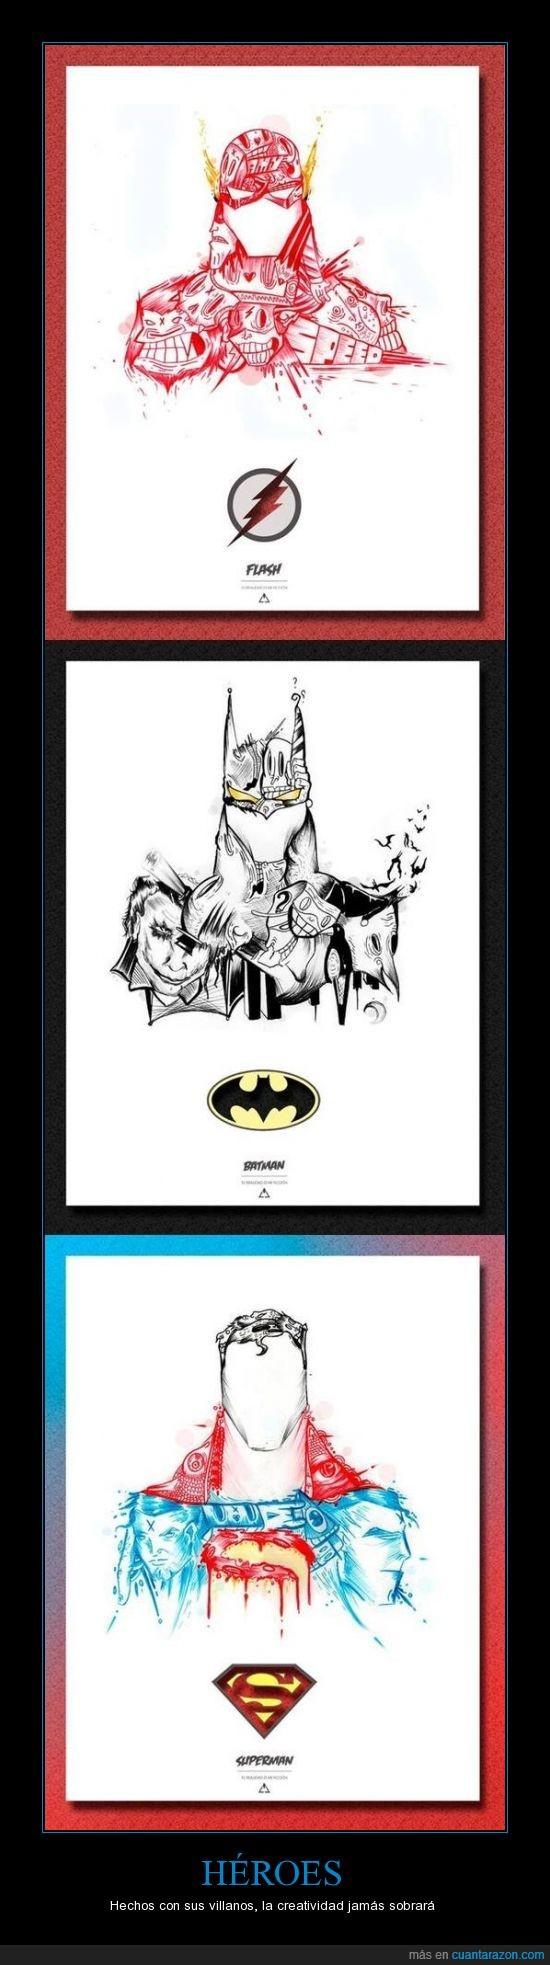 batman,flash,geniales,hechos,super heroes,superman,villanos